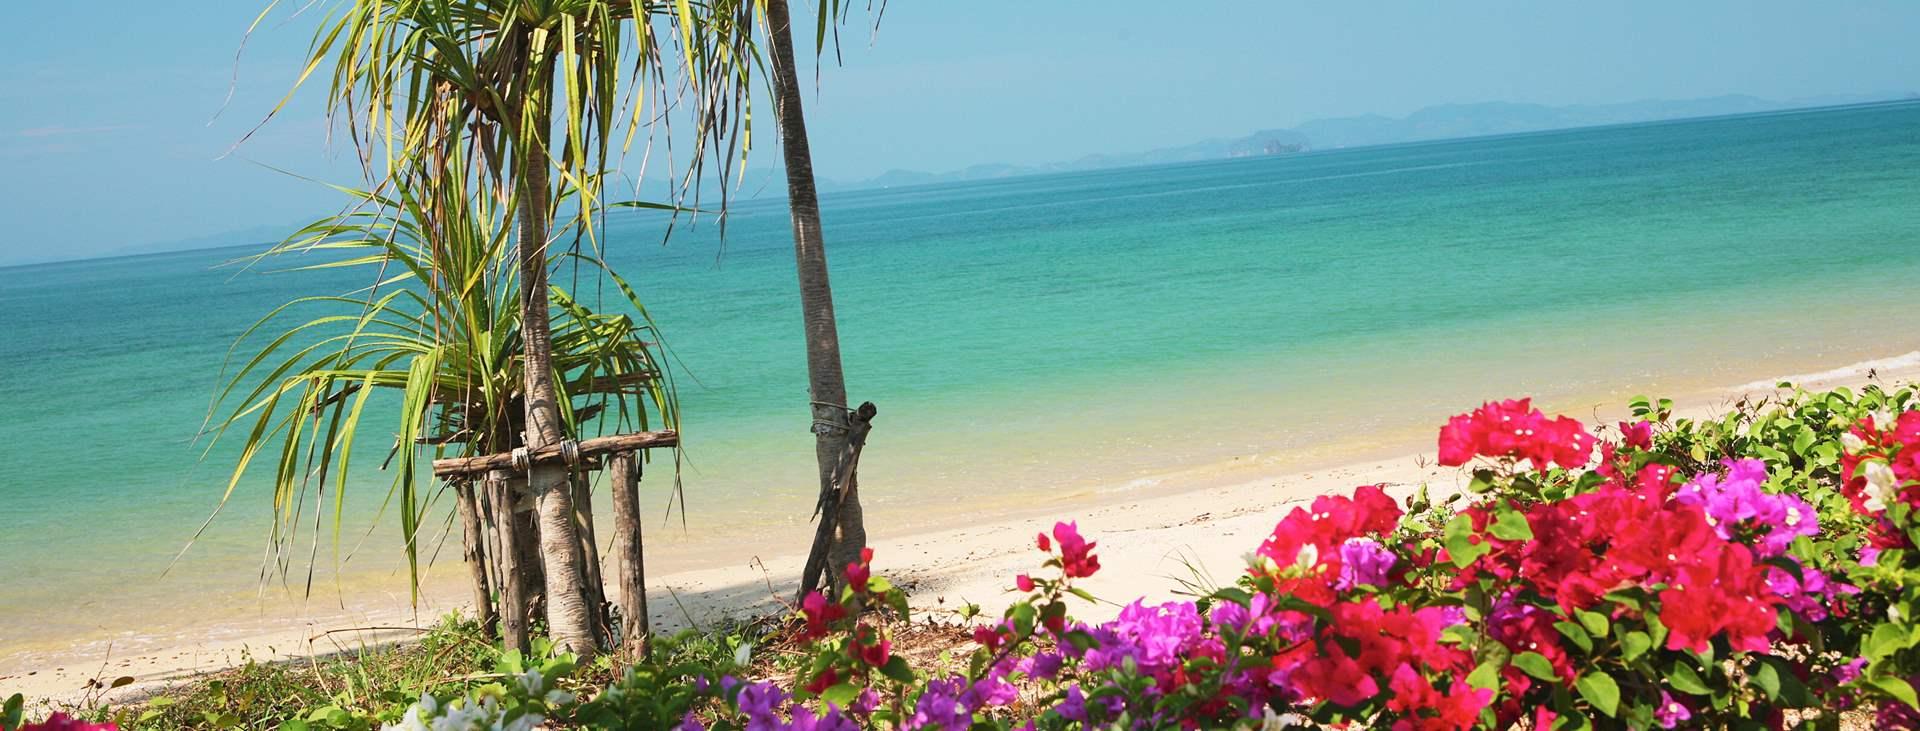 Varaa Tjäreborgilta seuraava lomamatkasi Thaimaan Klong Muang Beachille